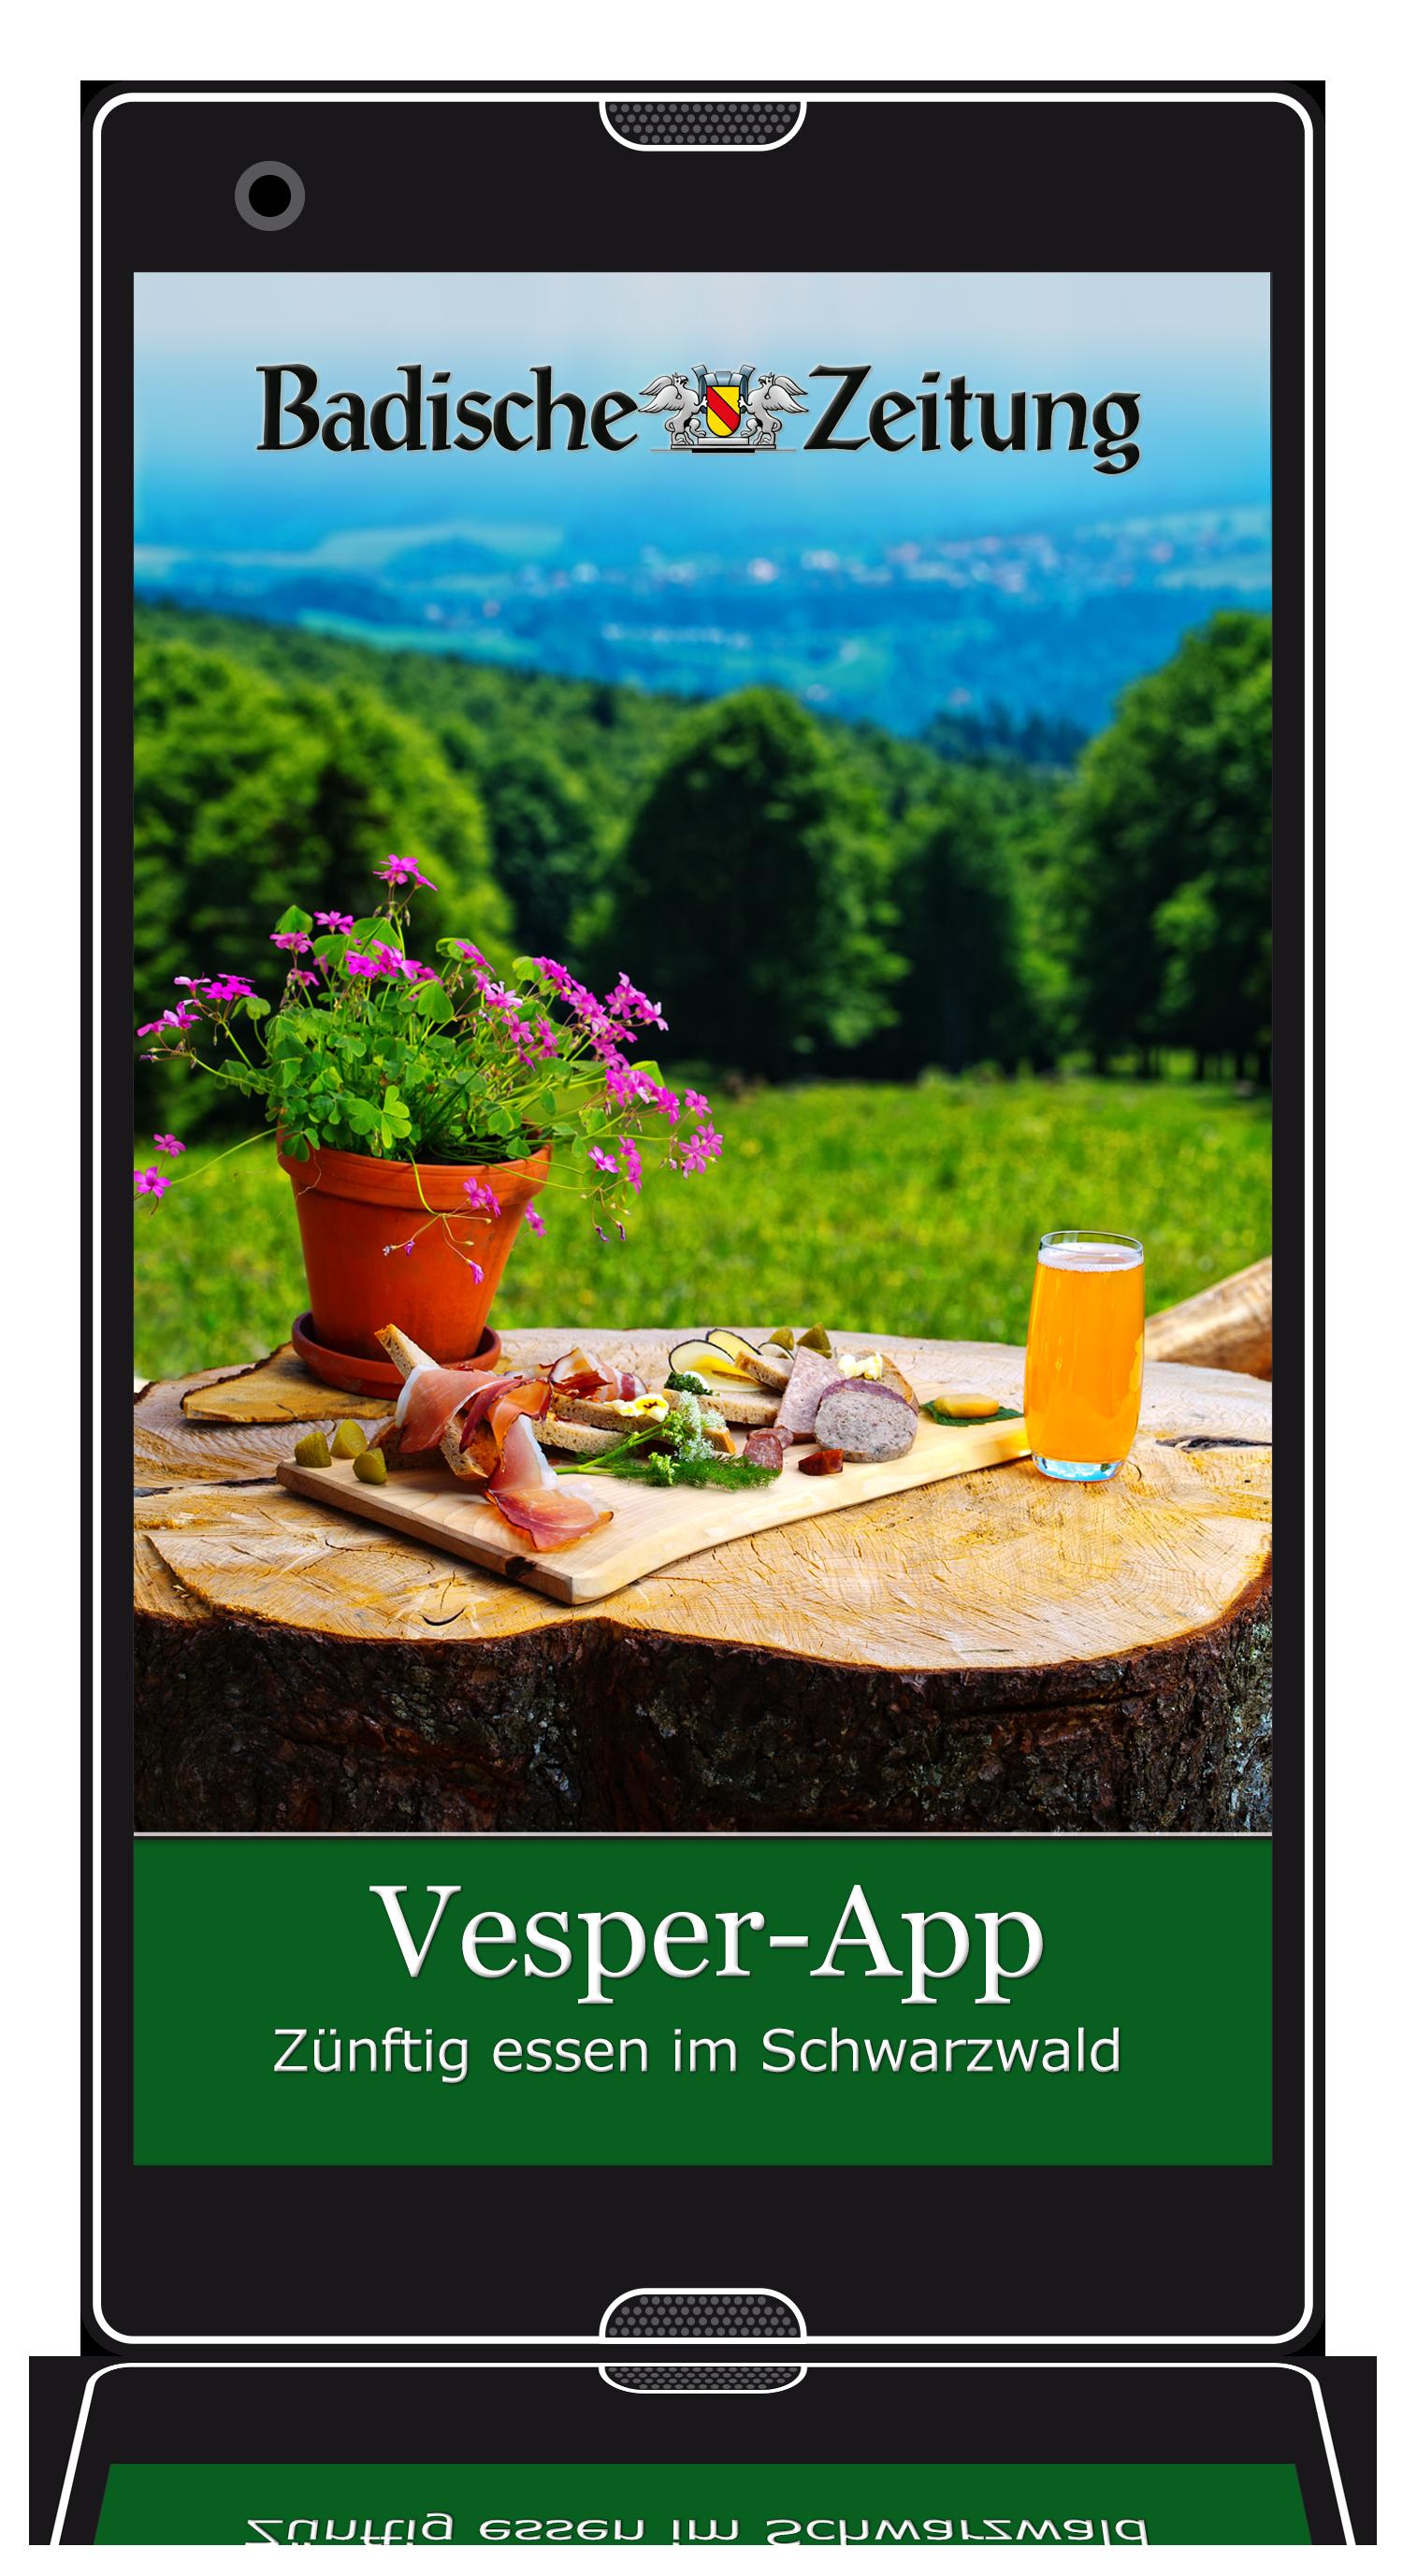 Bz Vesper 111 Restaurants Im Schwarzwald Badische Zeitung